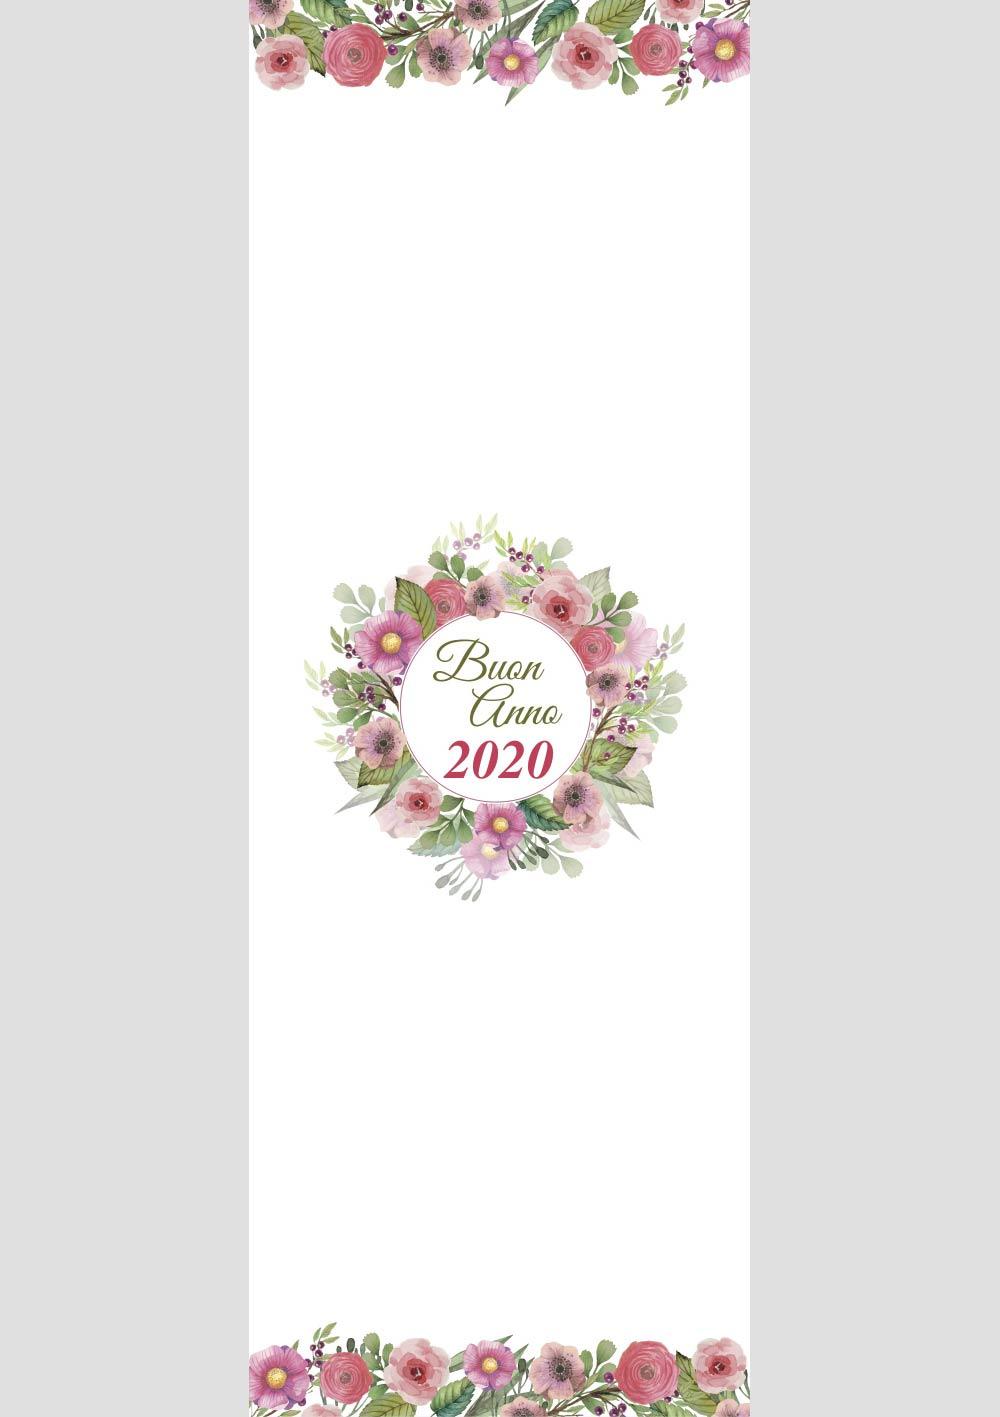 fantasia floreale per calendario 2020